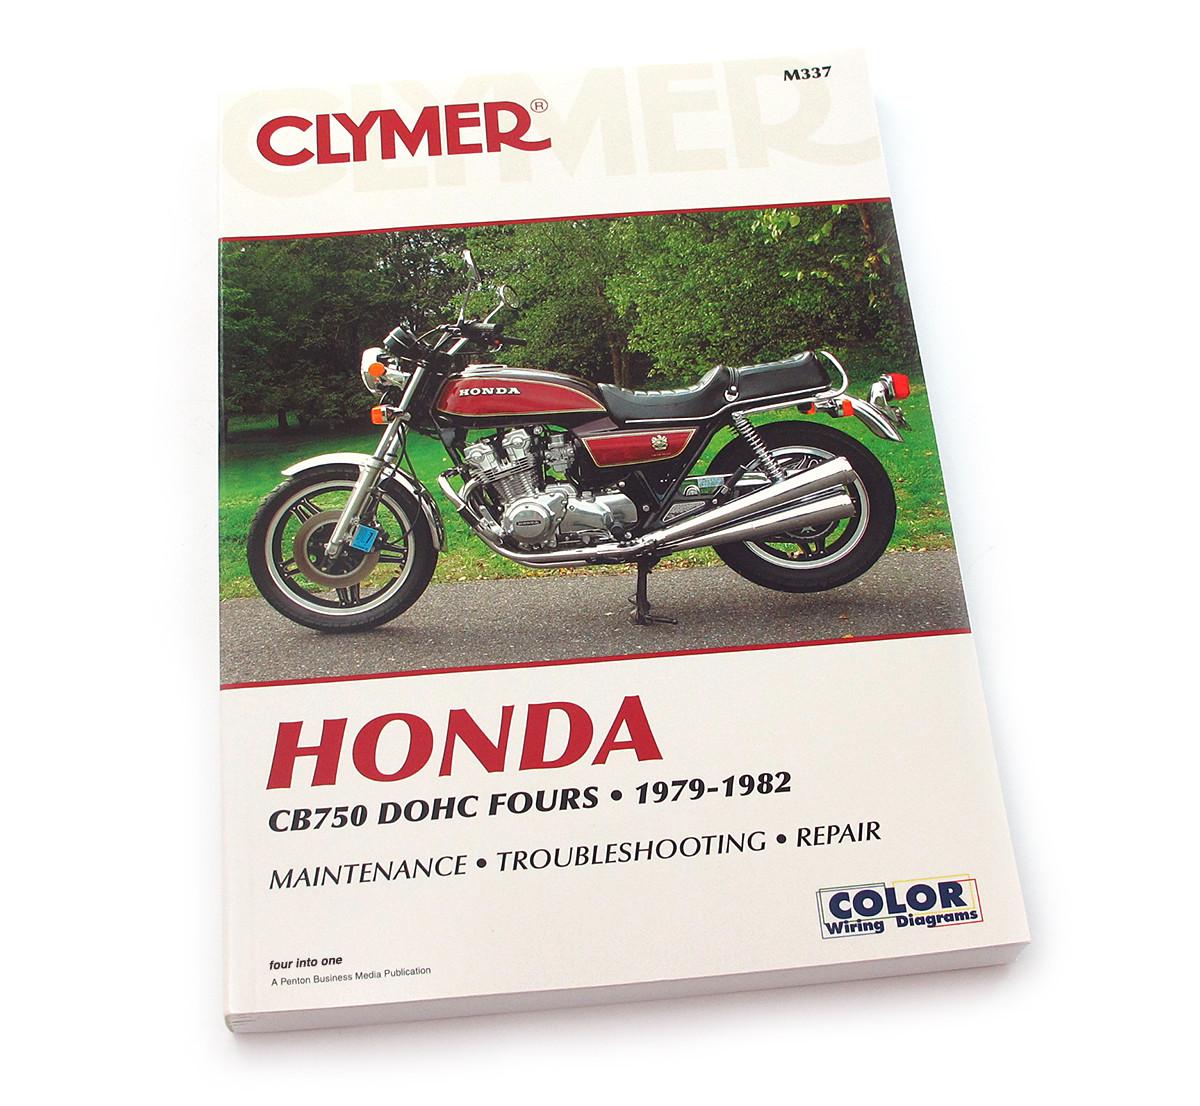 clymer manual honda cb750 dohc fours 1979 1982 rh 4into1 com 1982 Honda CB 900 Custom Honda CB 900 Custom Chopper